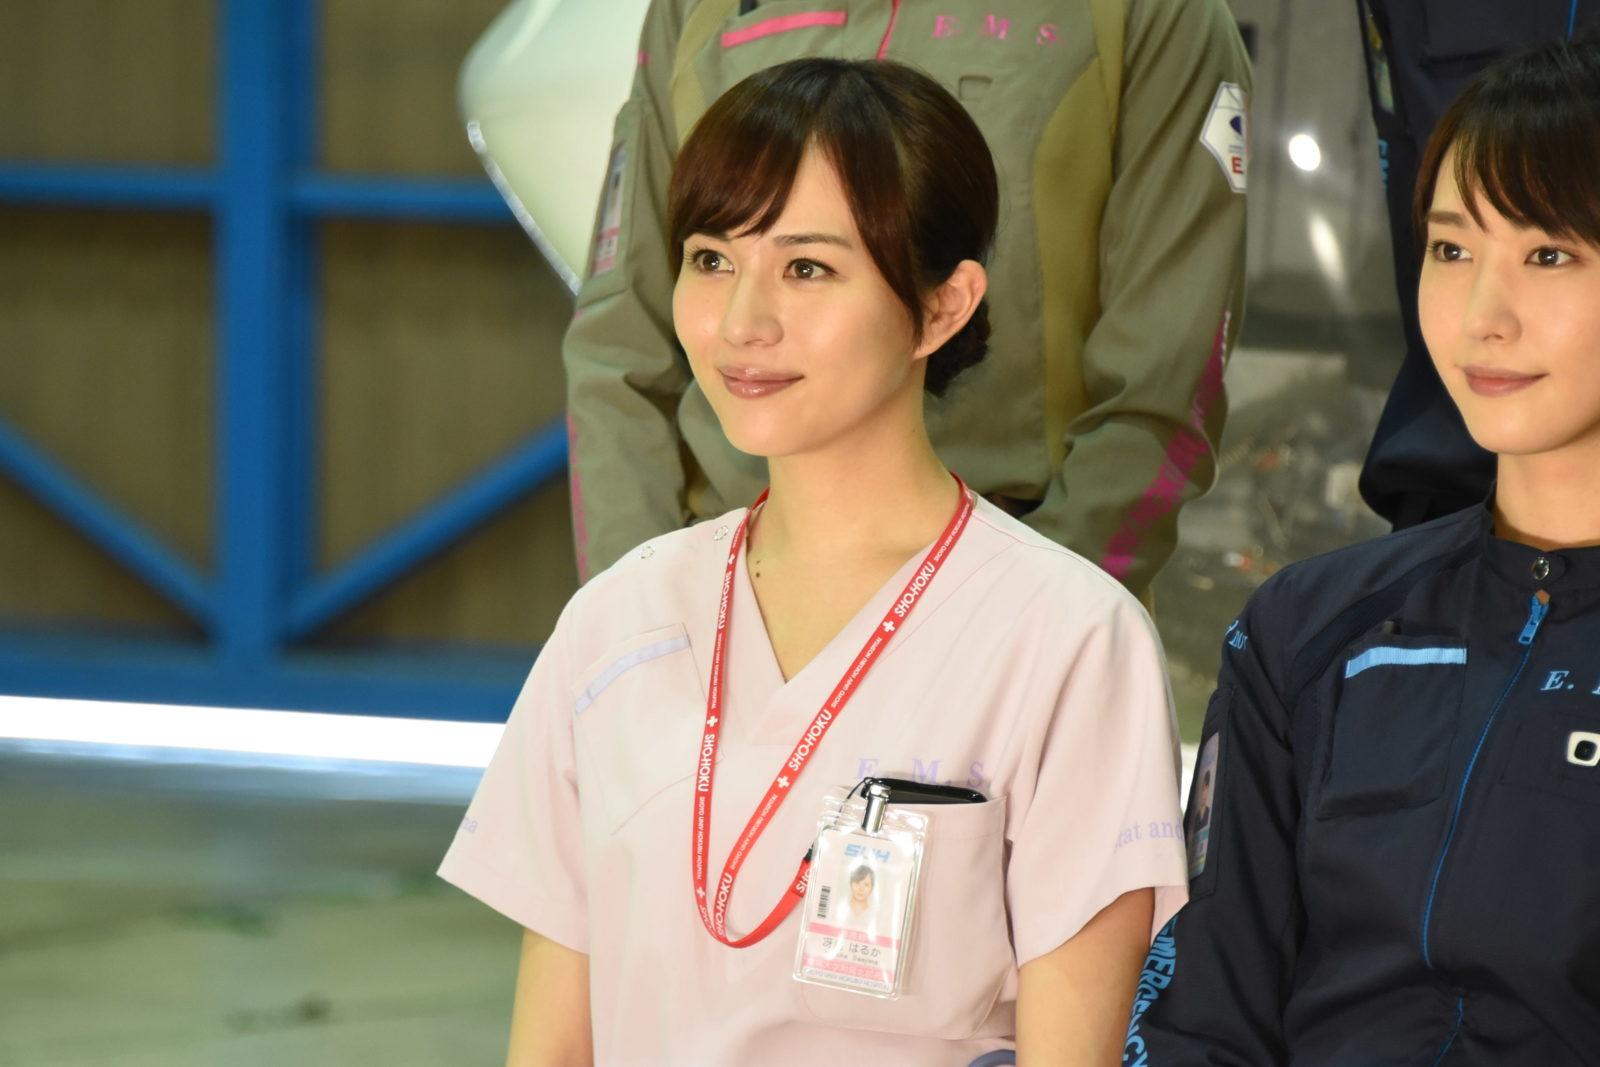 「コード・ブルー」3rdシーズン記者発表に豪華11人が勢揃い、山下智久&新垣結衣が治療を受けたい人は?画像39063